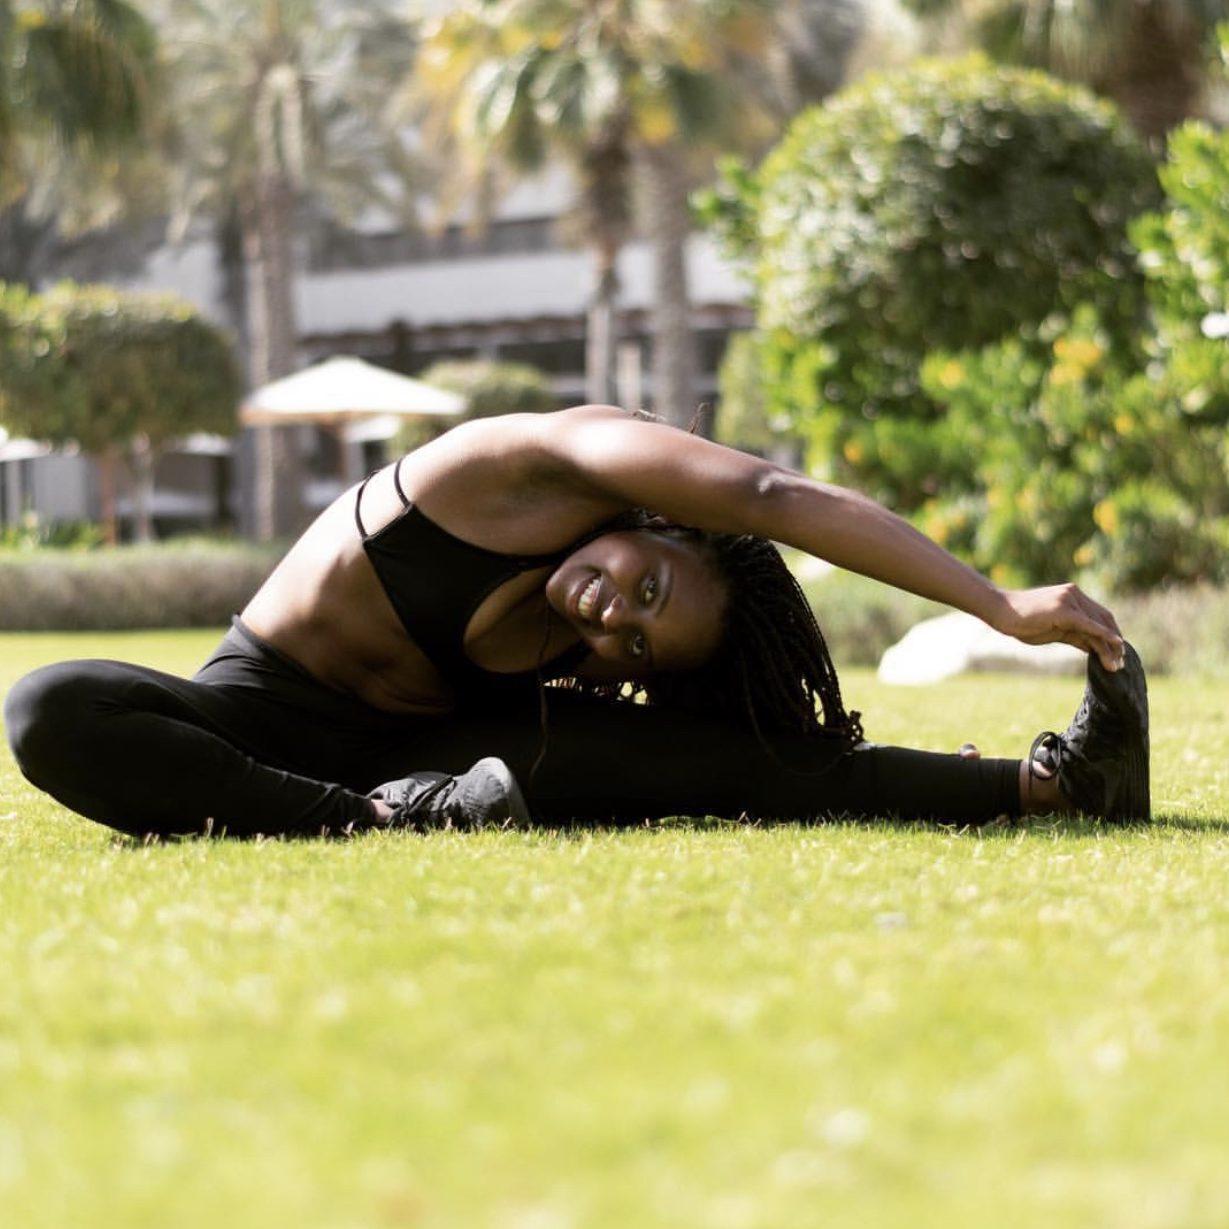 eyna - female personal training specialist in Abu Dhabi, UAE 5